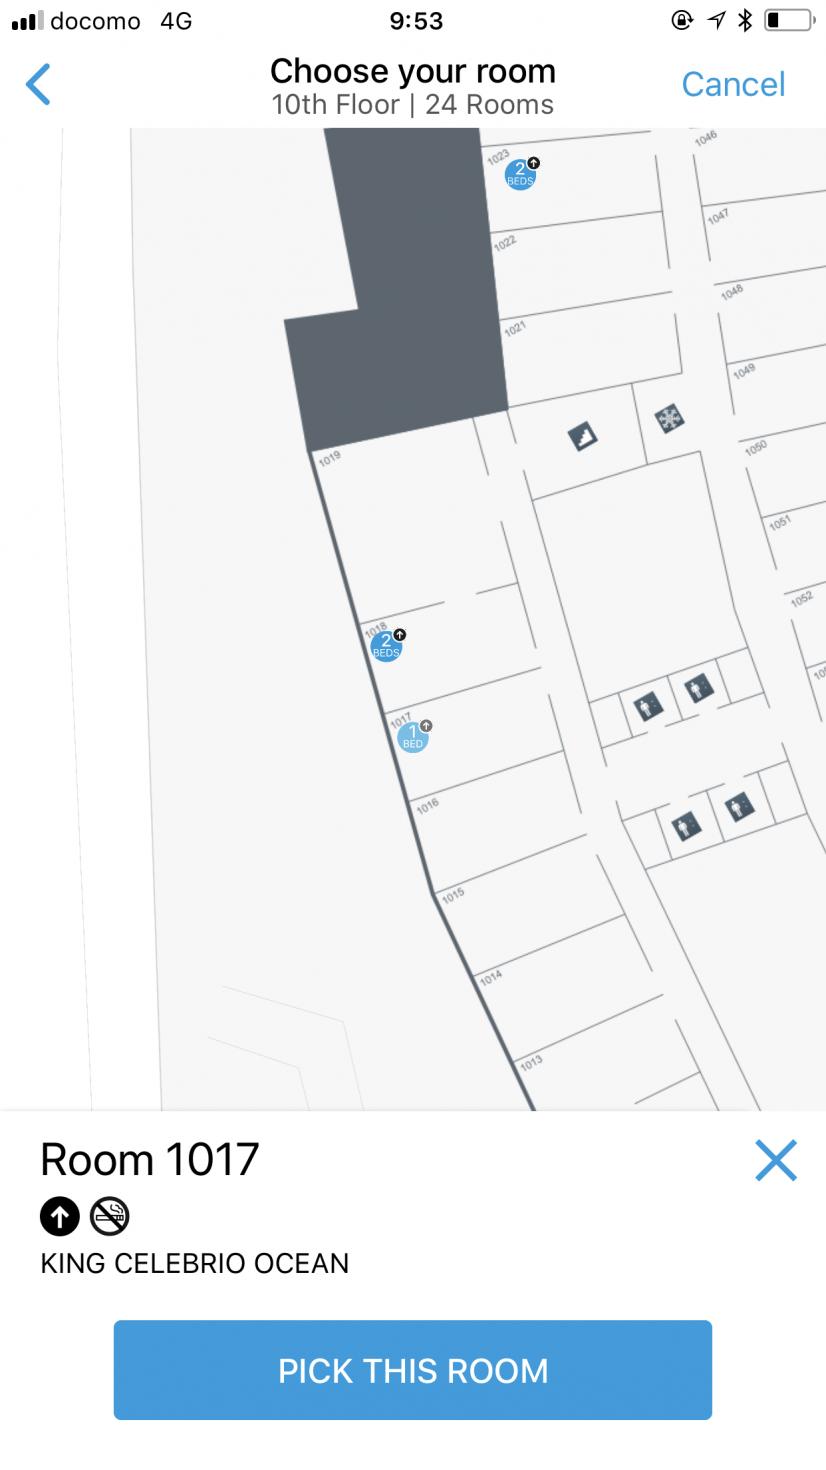 オンラインチェクイン アプリで前日15時には空いてる部屋を 選べました♪ エレベーターホールに近い部屋をチョイスさせていただきました♪